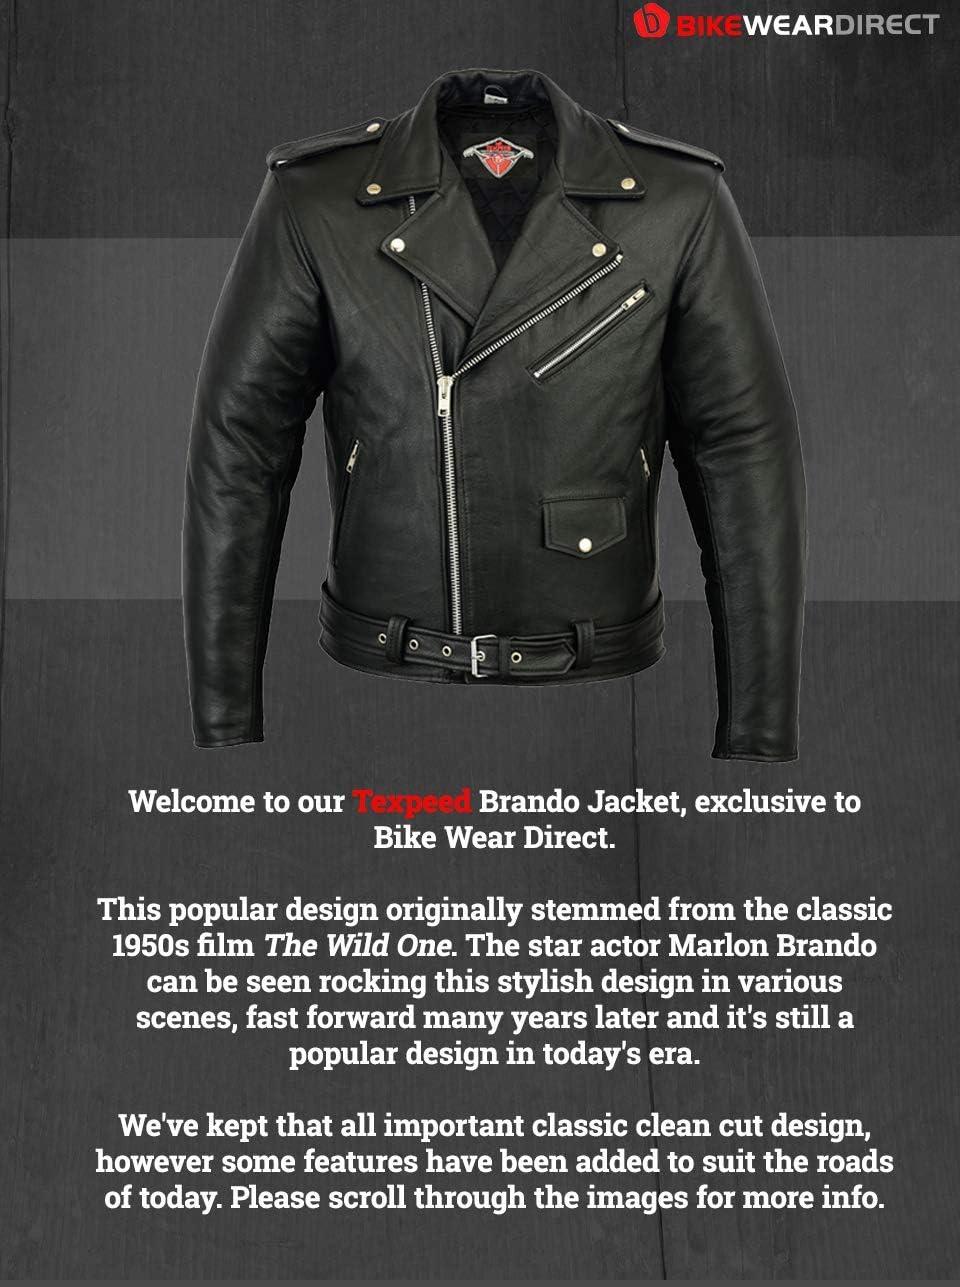 Jet Blouson Veste Moto Cuir Homme Vintage avec Protection Homologu/é Classique R/étro Biker Iconique Brando Noir uni, XL